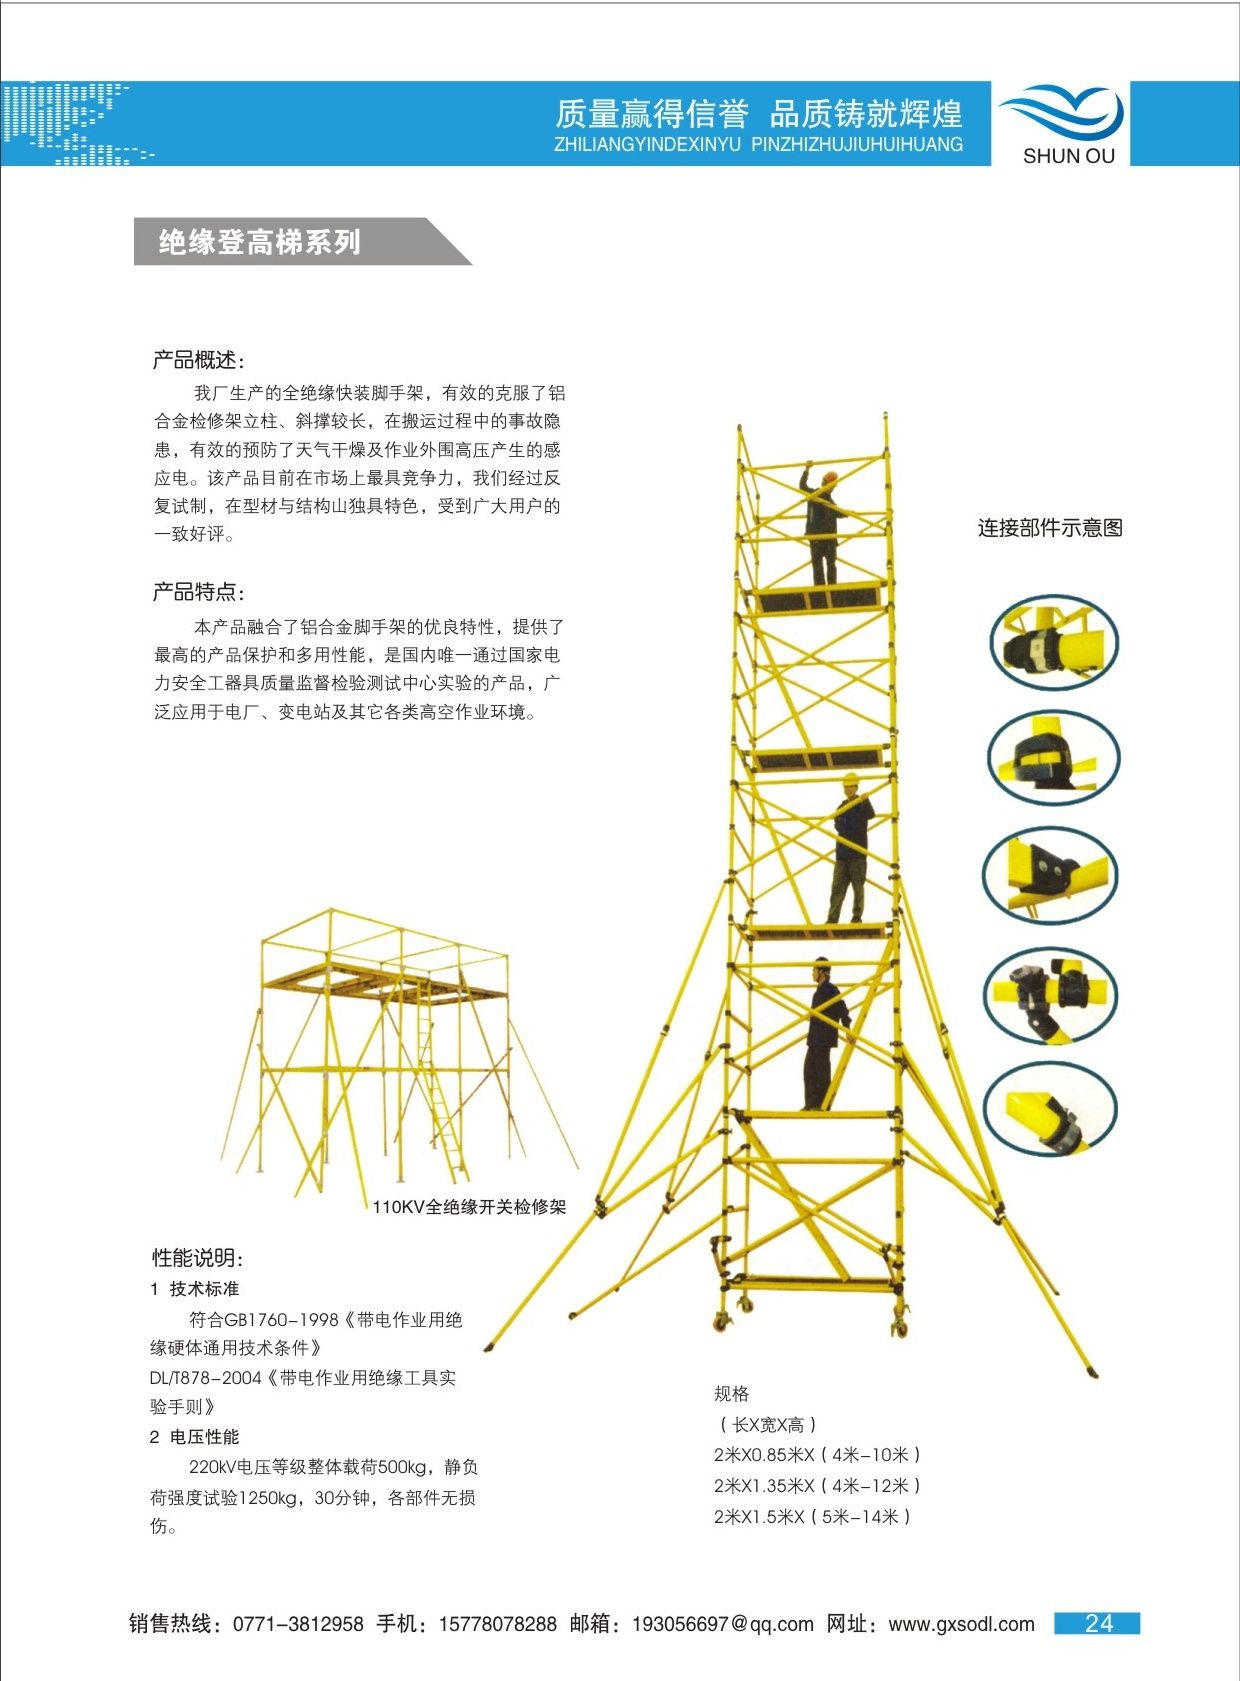 1-15_看图王(1).jpg